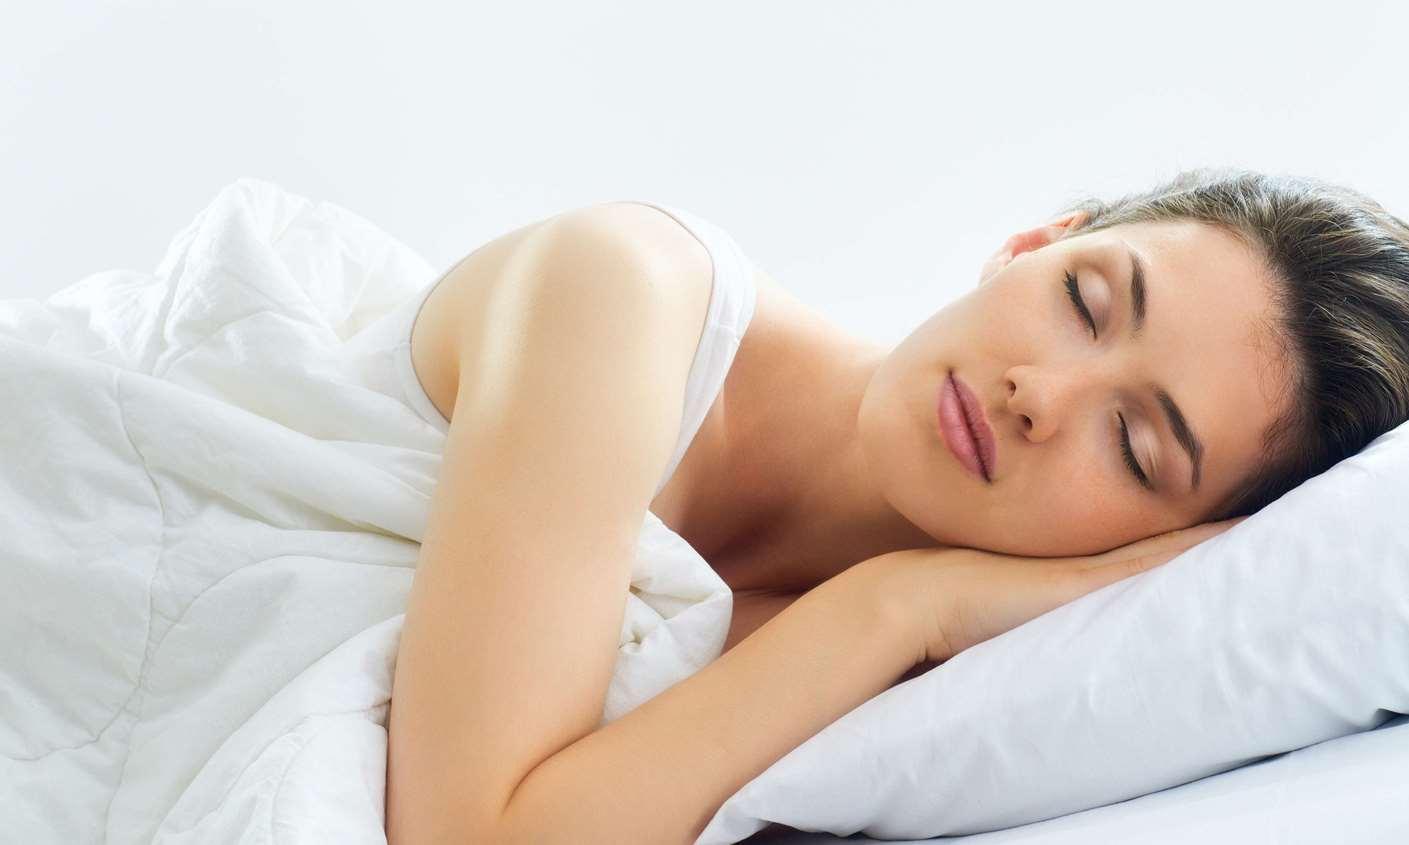 التعب الدائم قد يشي بارتفاع ضغط الدم